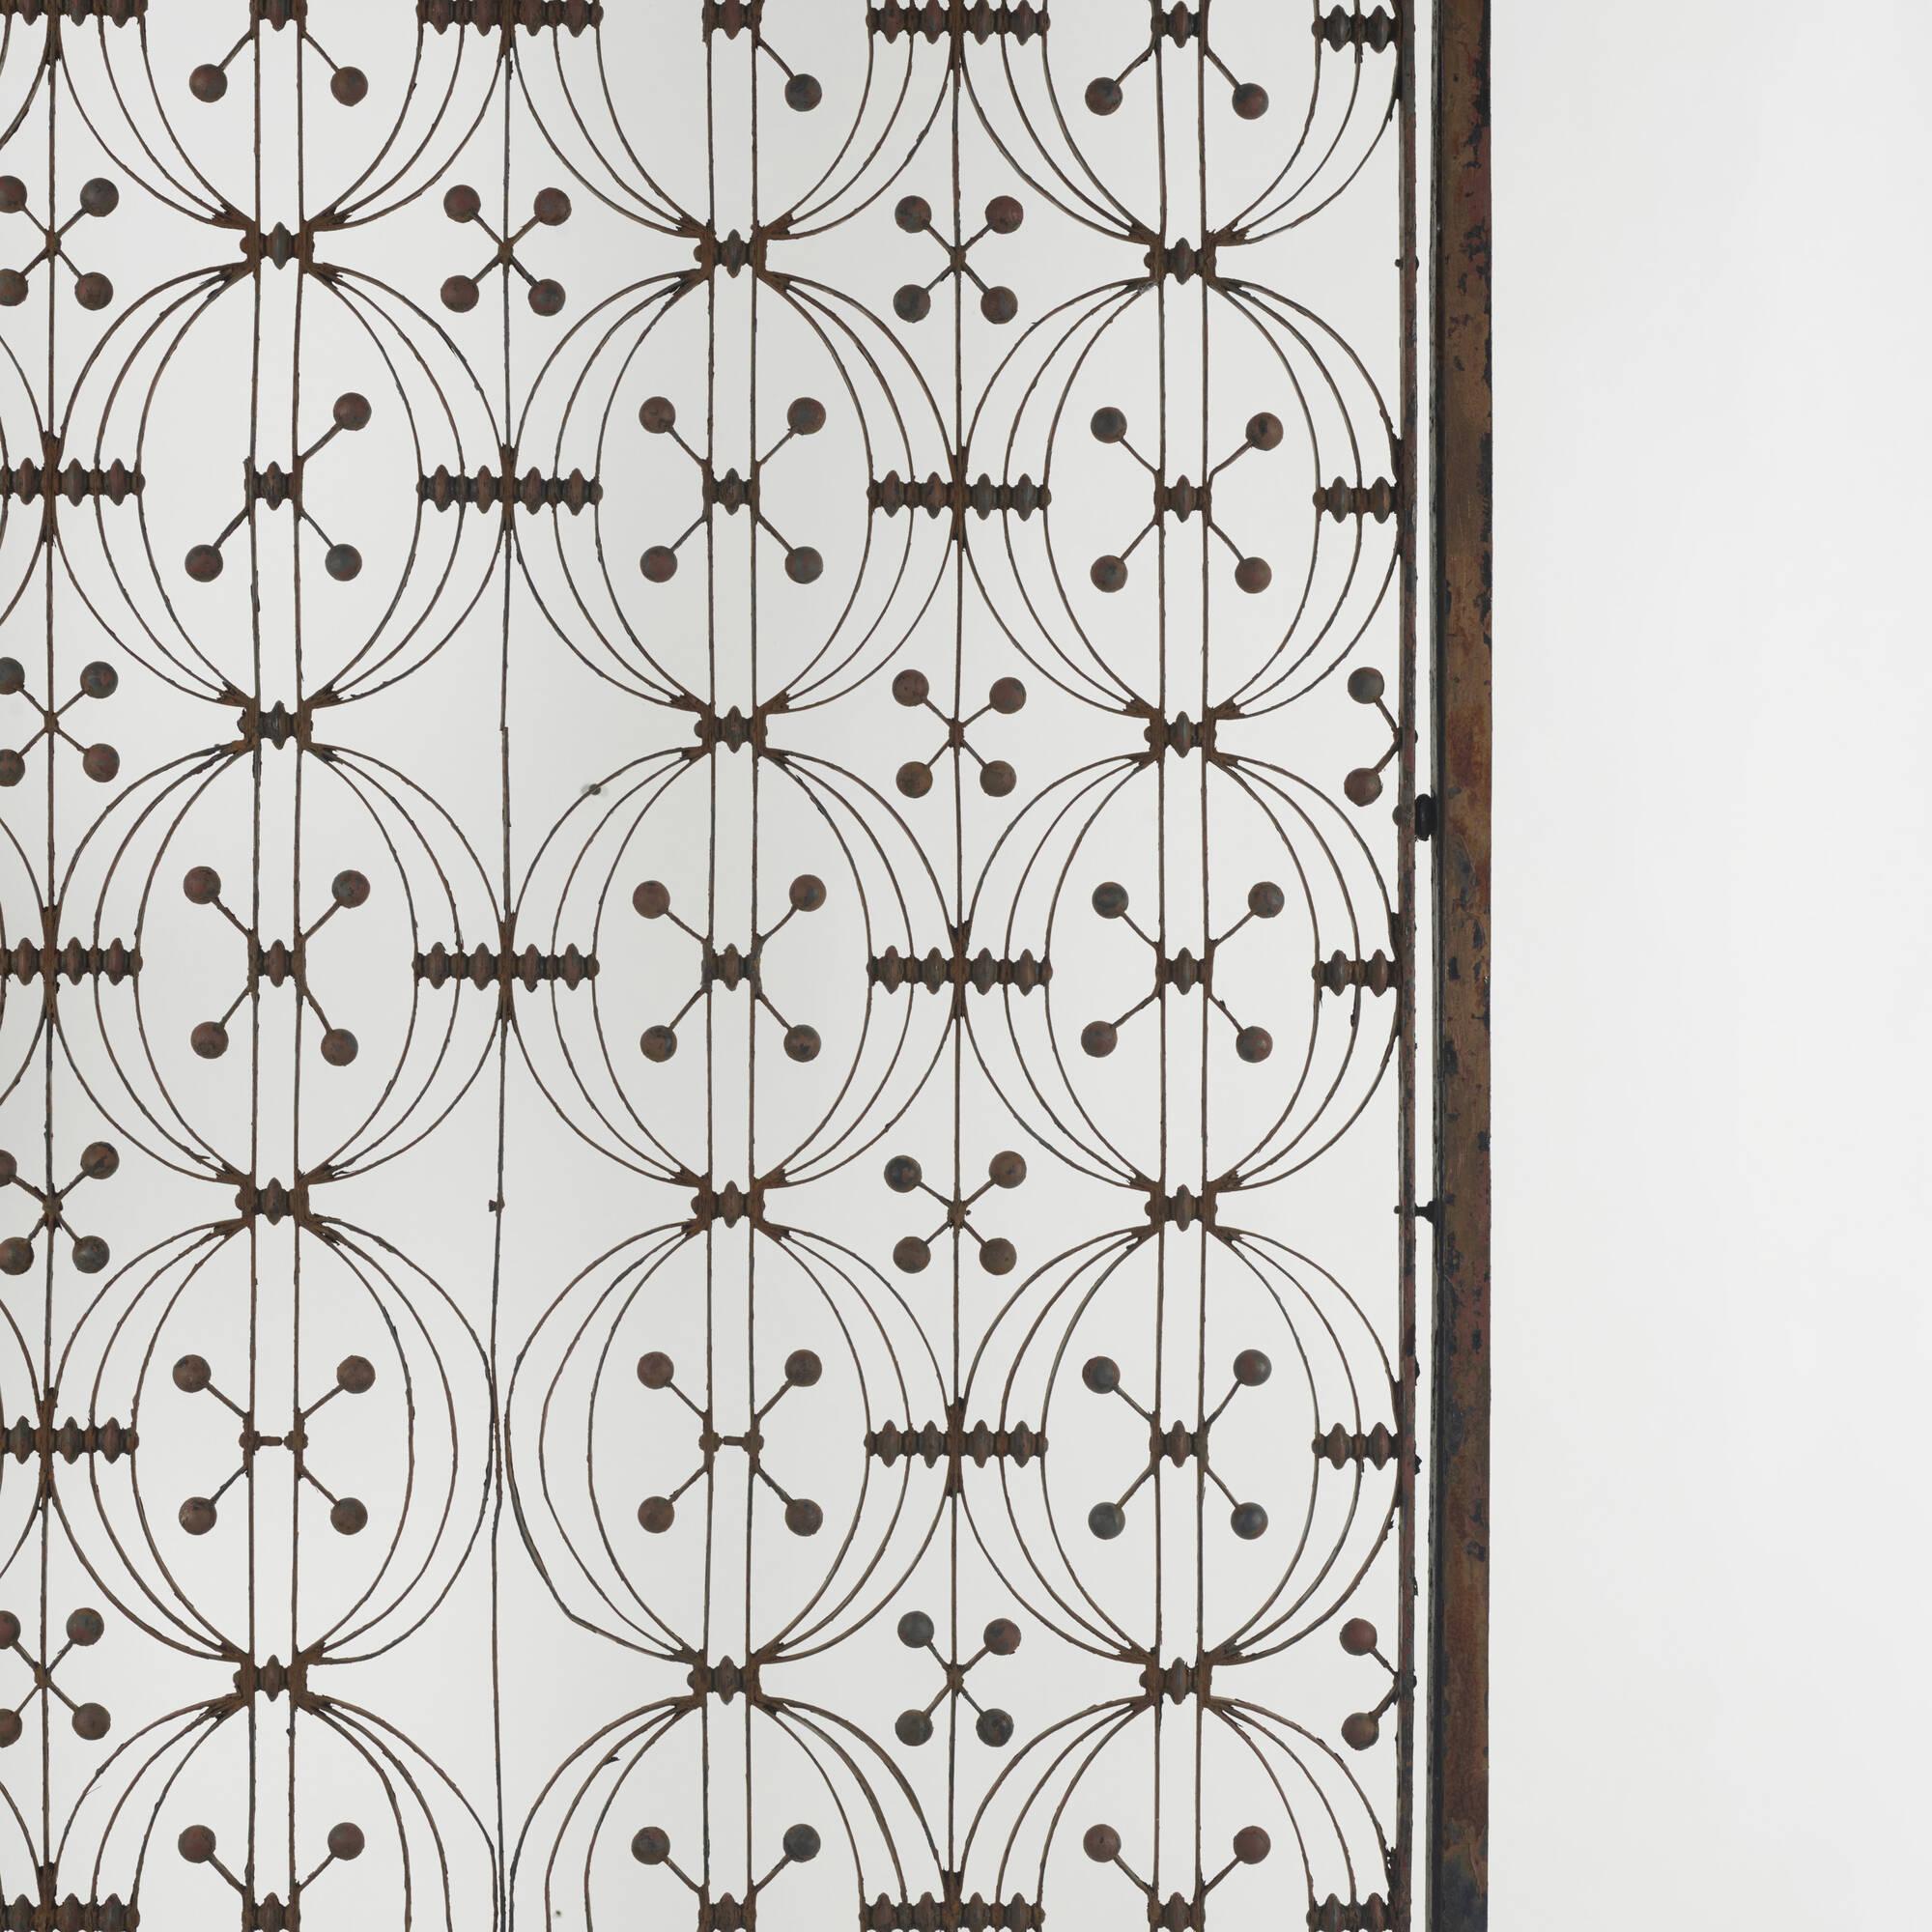 283: Dankmar Adler and Louis Sullivan / elevator door from the Chicago Stock Exchange (2 of 2)